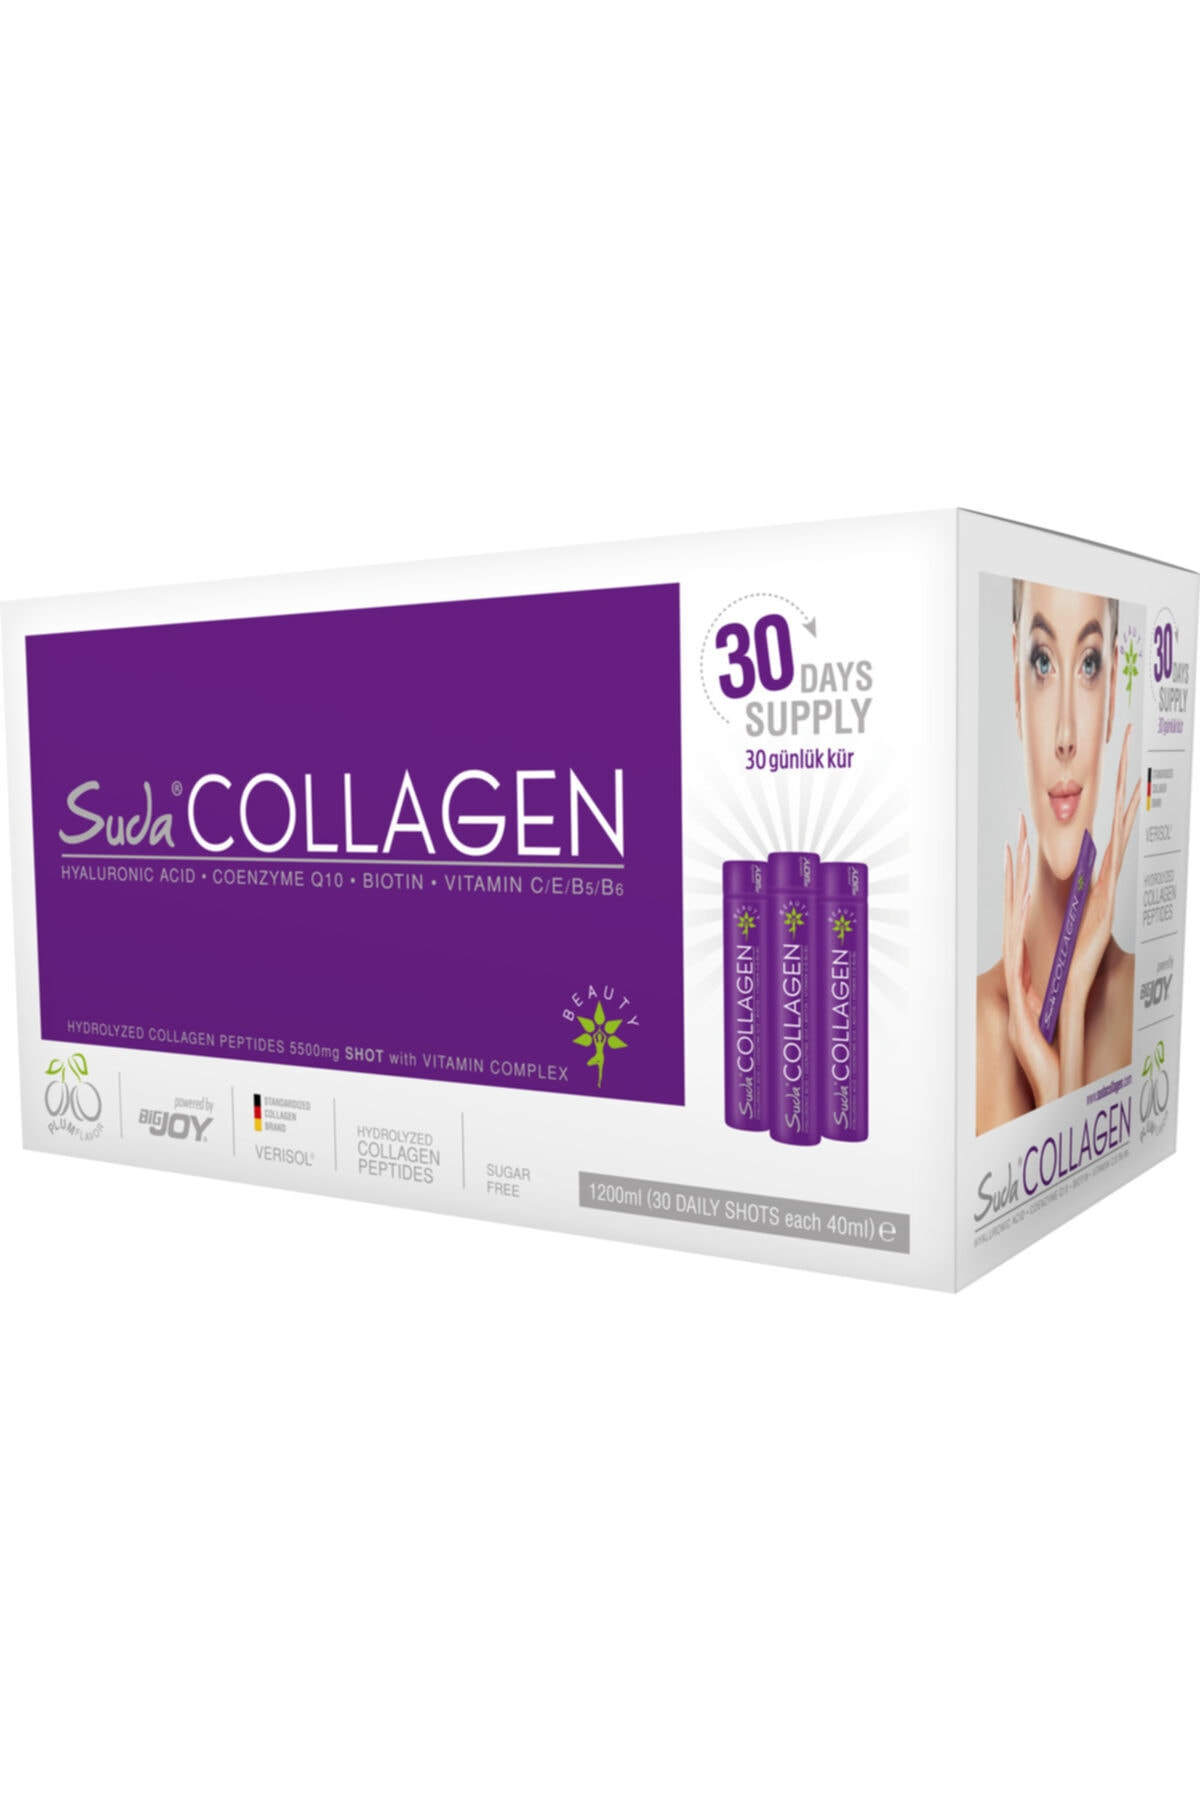 Suda Collagen 40 ml 30 Adet Aylık Paket (ERİK AROMALI) 1